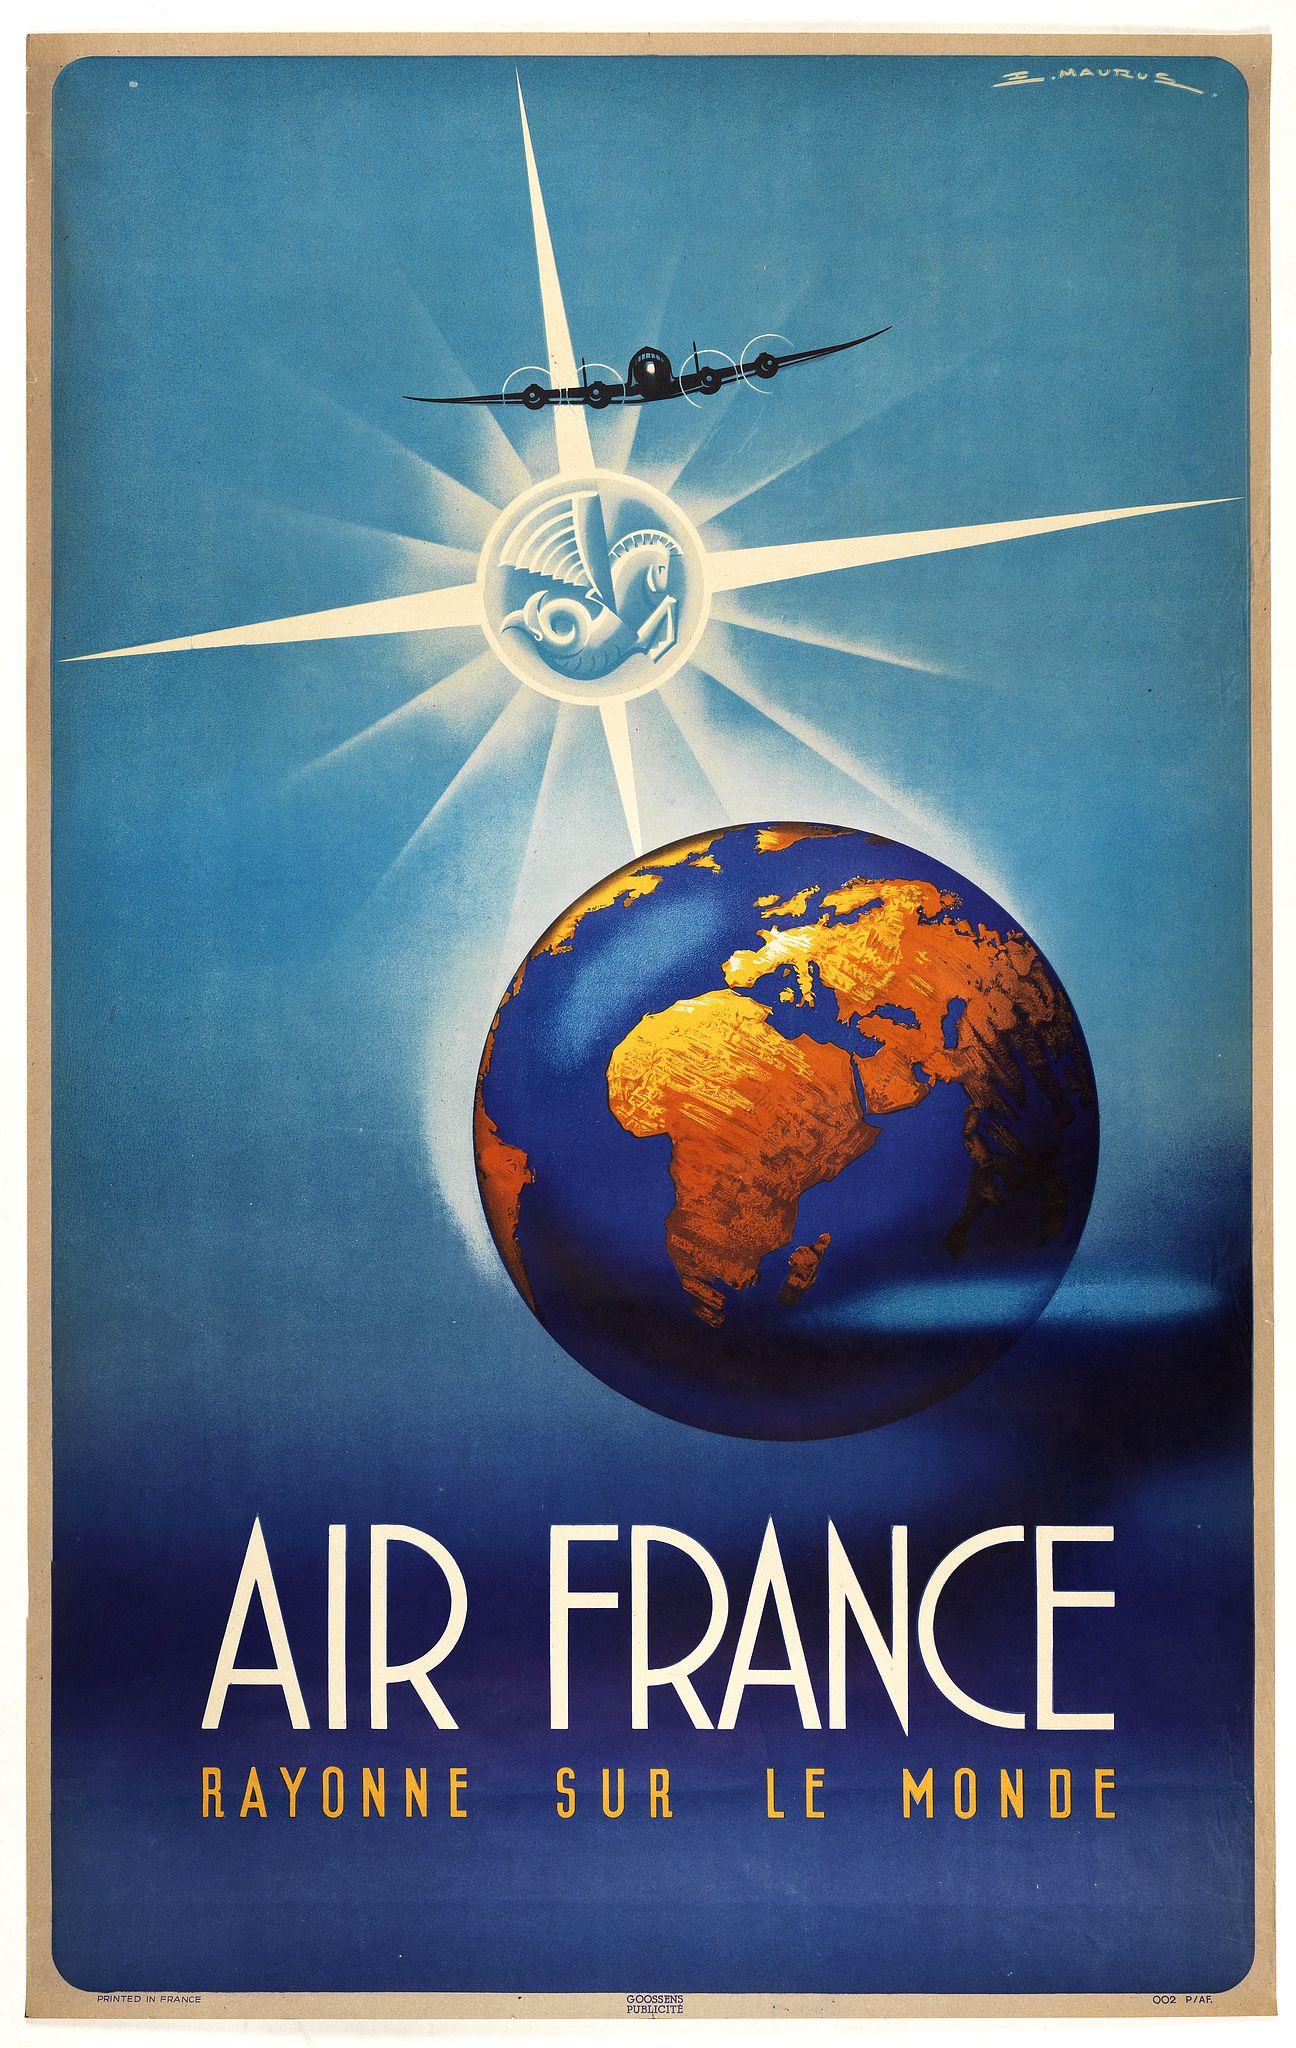 MAURUS. / AIR FRANCE -  Rayonne sur le monde.